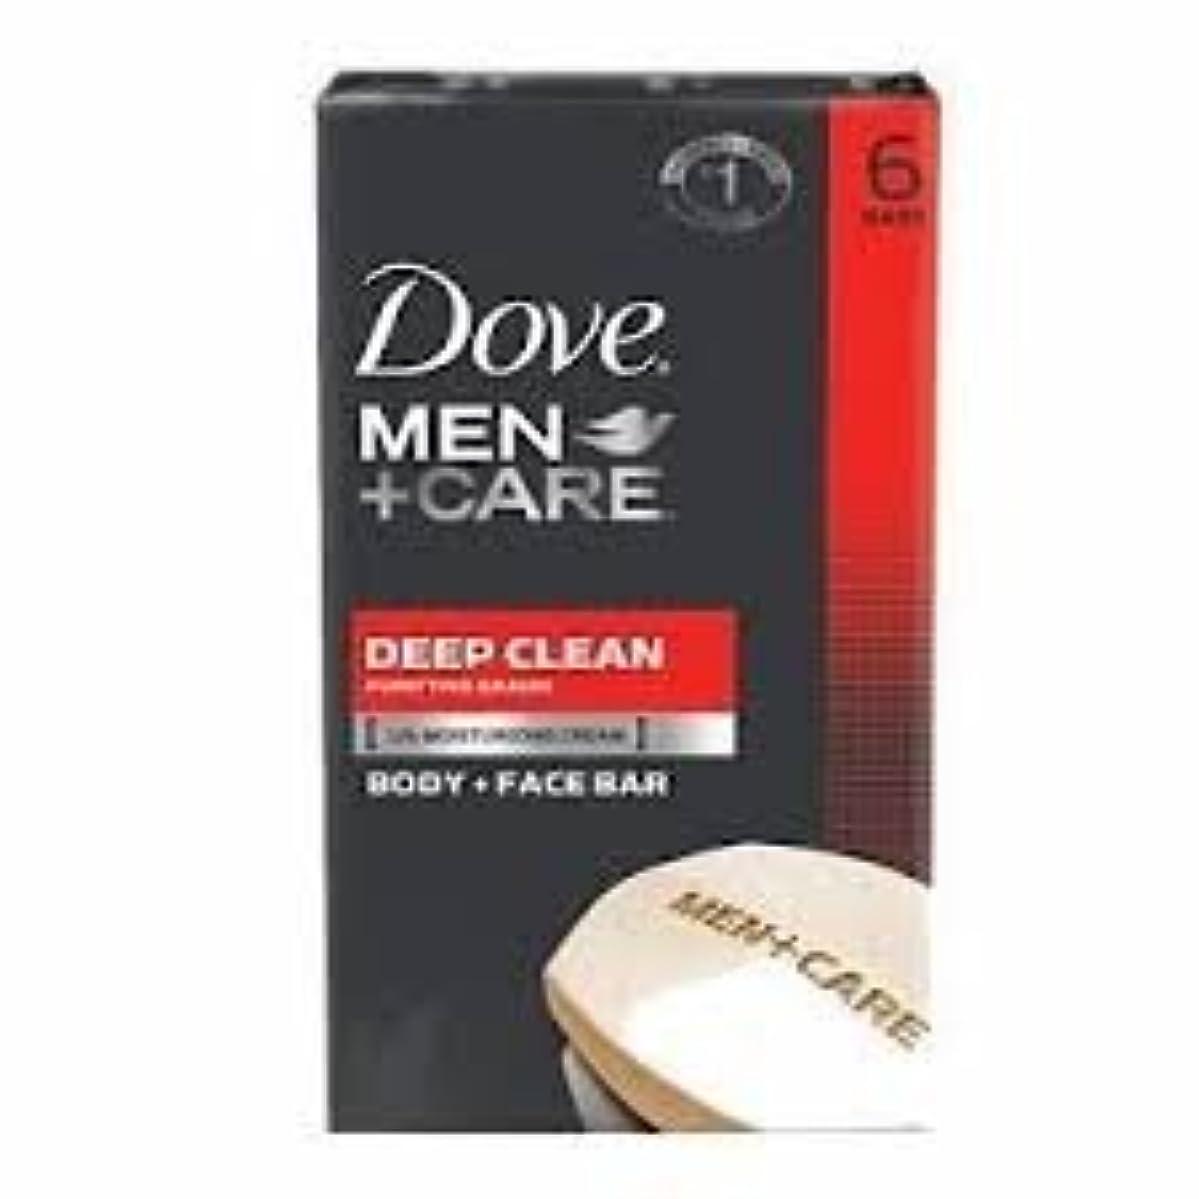 なぞらえるすぐに闇Dove Men + Care Body and Face Bar, Deep Clean 4oz x 6Bars ダブ メン プラスケア ディープ クリーン ソープ 4oz x 6個